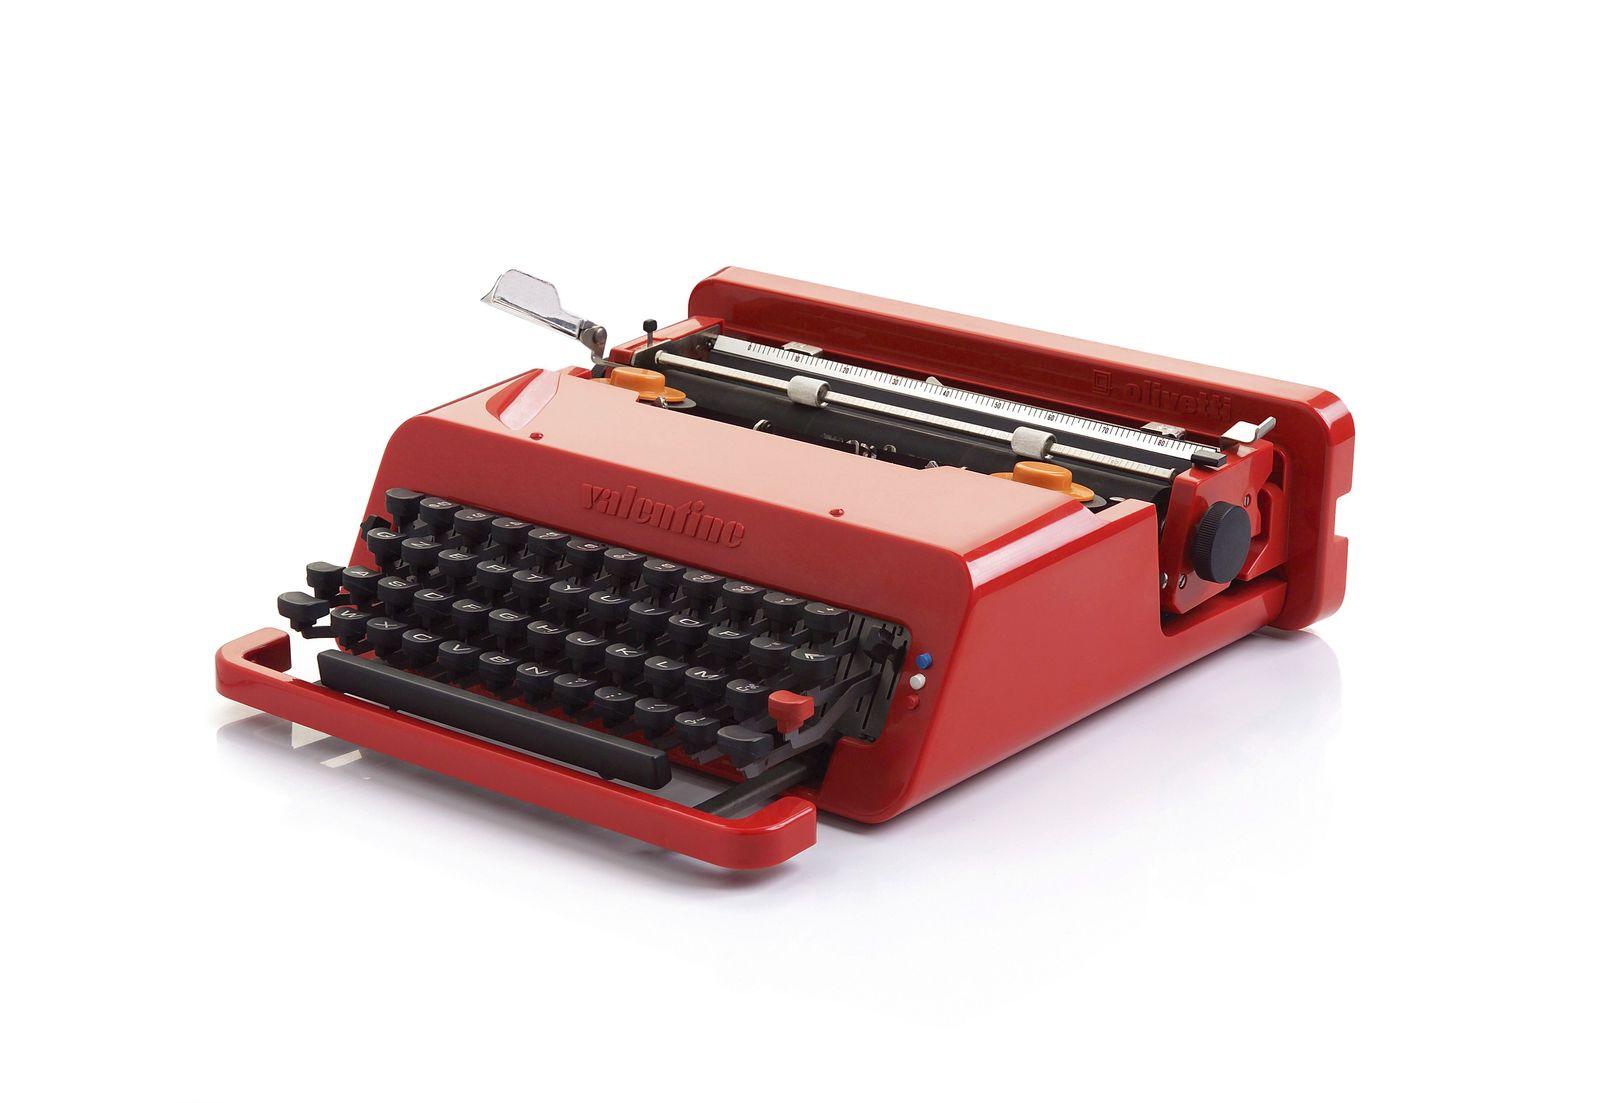 Stil/ Designklassiker 2019/ Schreibmaschine Valentine